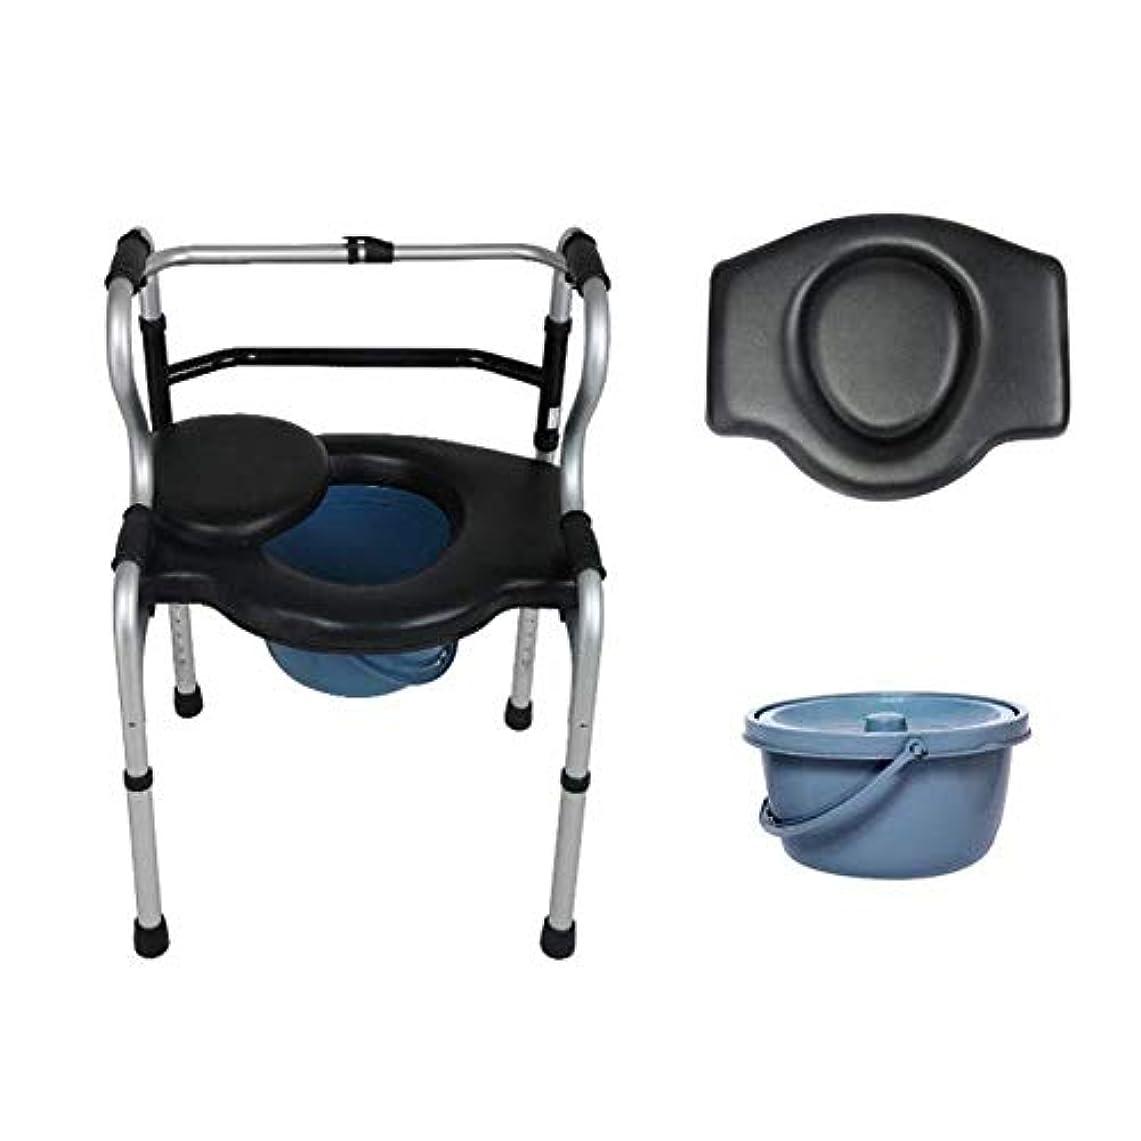 普通の権限学校の先生便器移動式椅子、シャワーの移動椅子の浴室の洗面所の腰掛けのためのFoldable移動式椅子